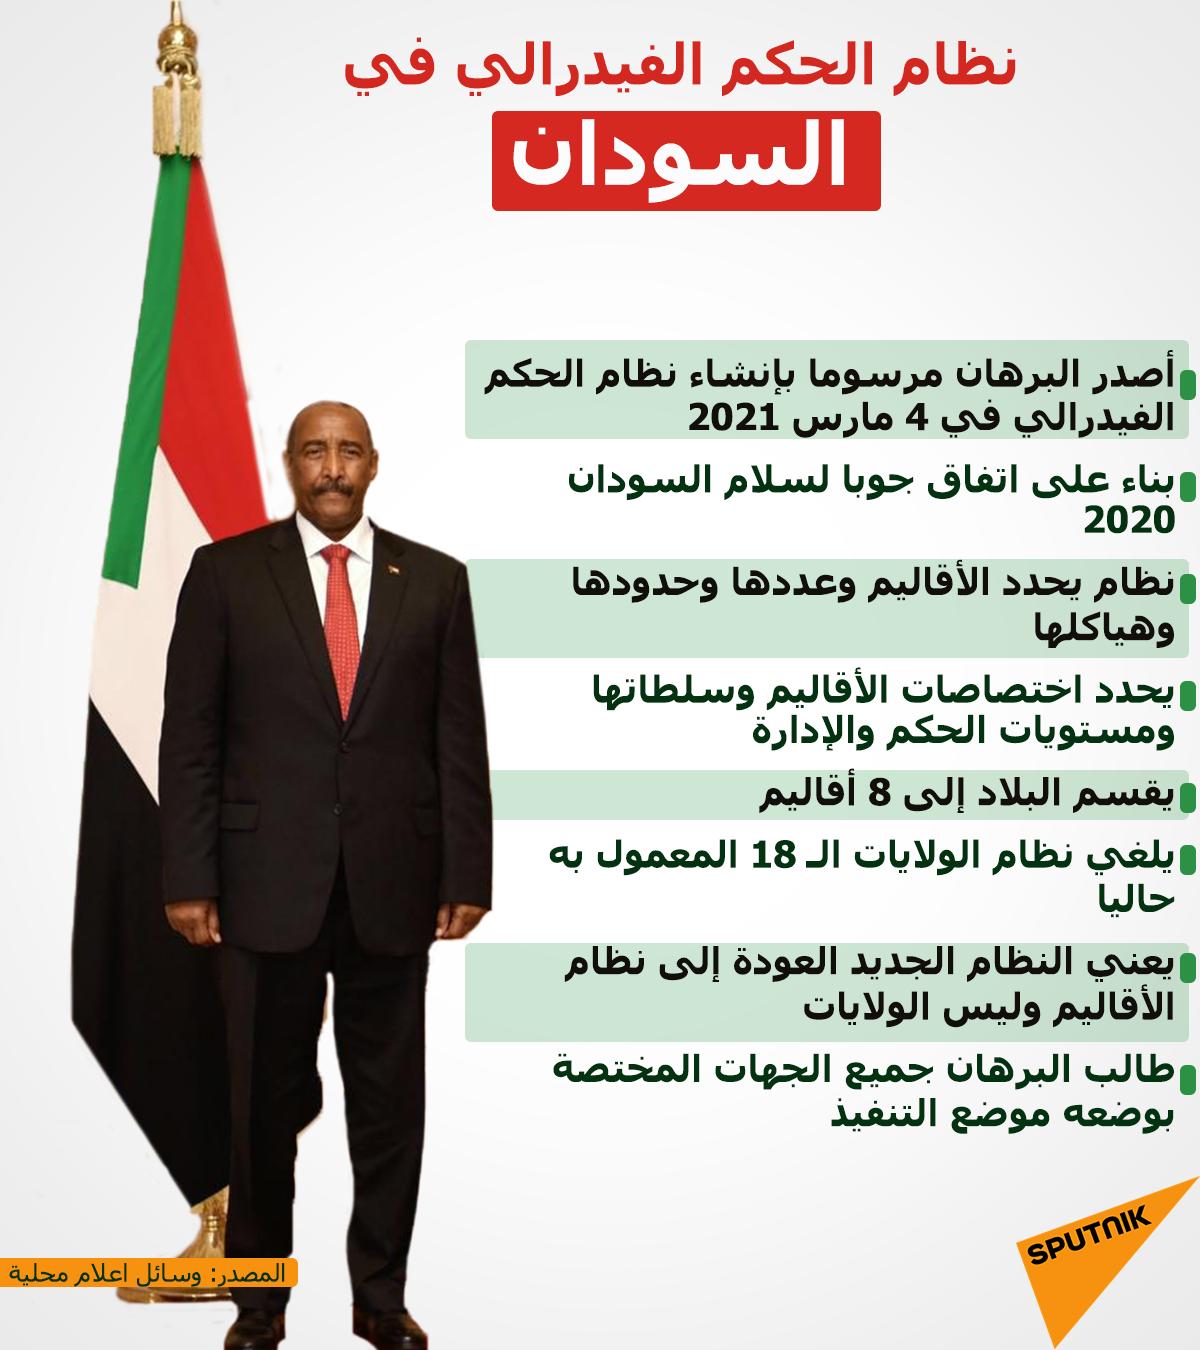 معلومات عن نظام الحكم الفيدرالي في السودان